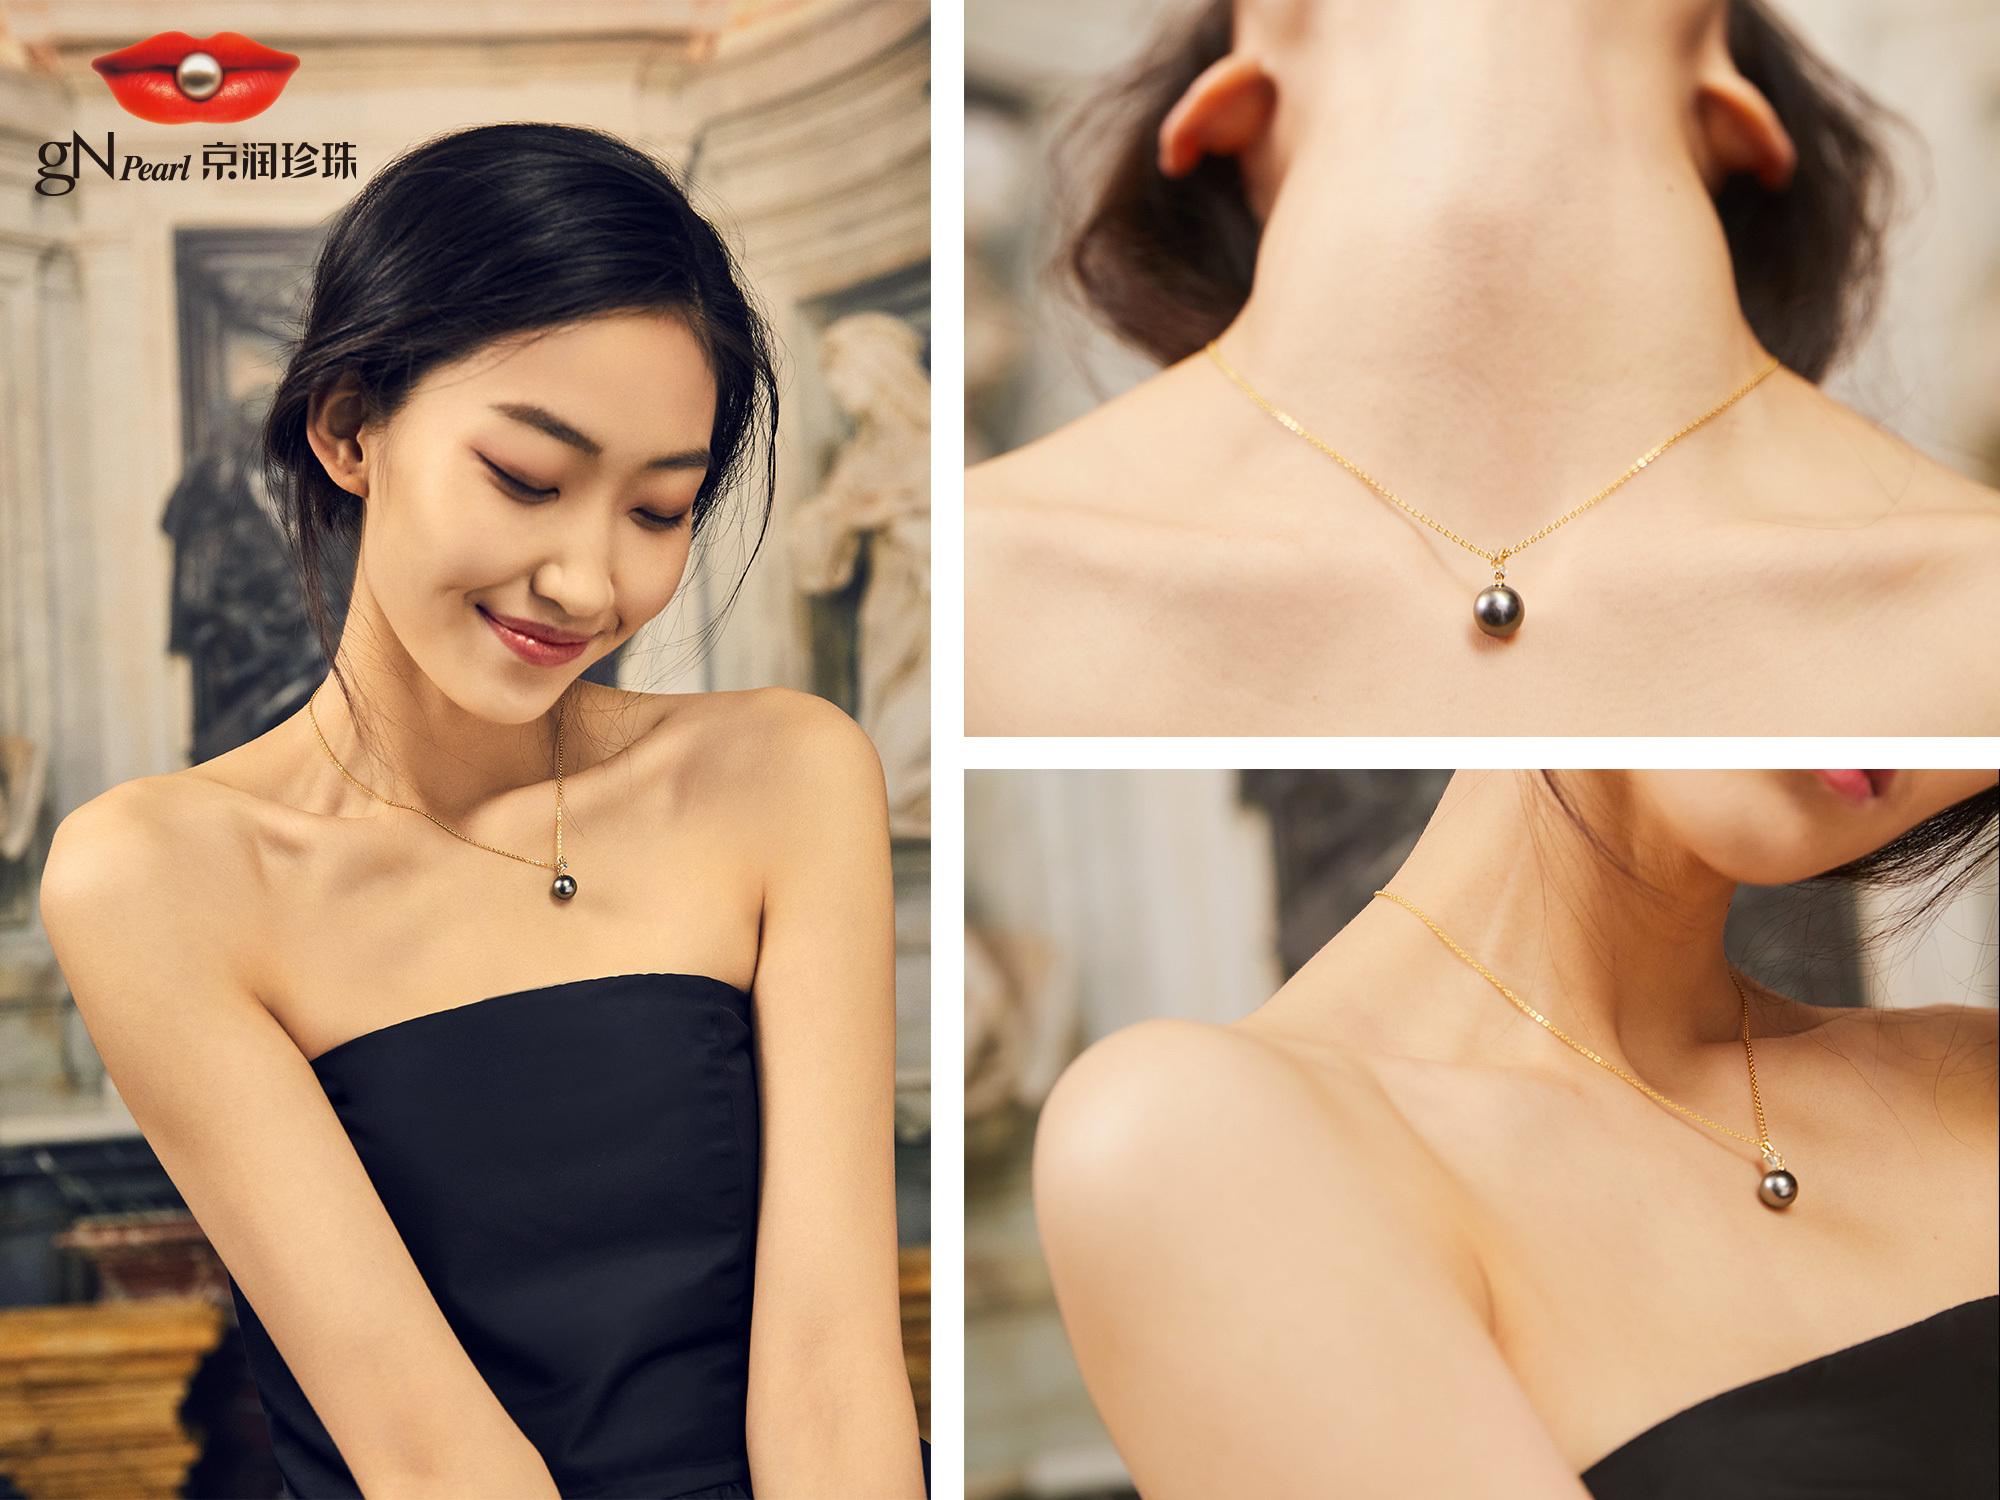 珍珠配饰文艺复兴 潮流时尚消费